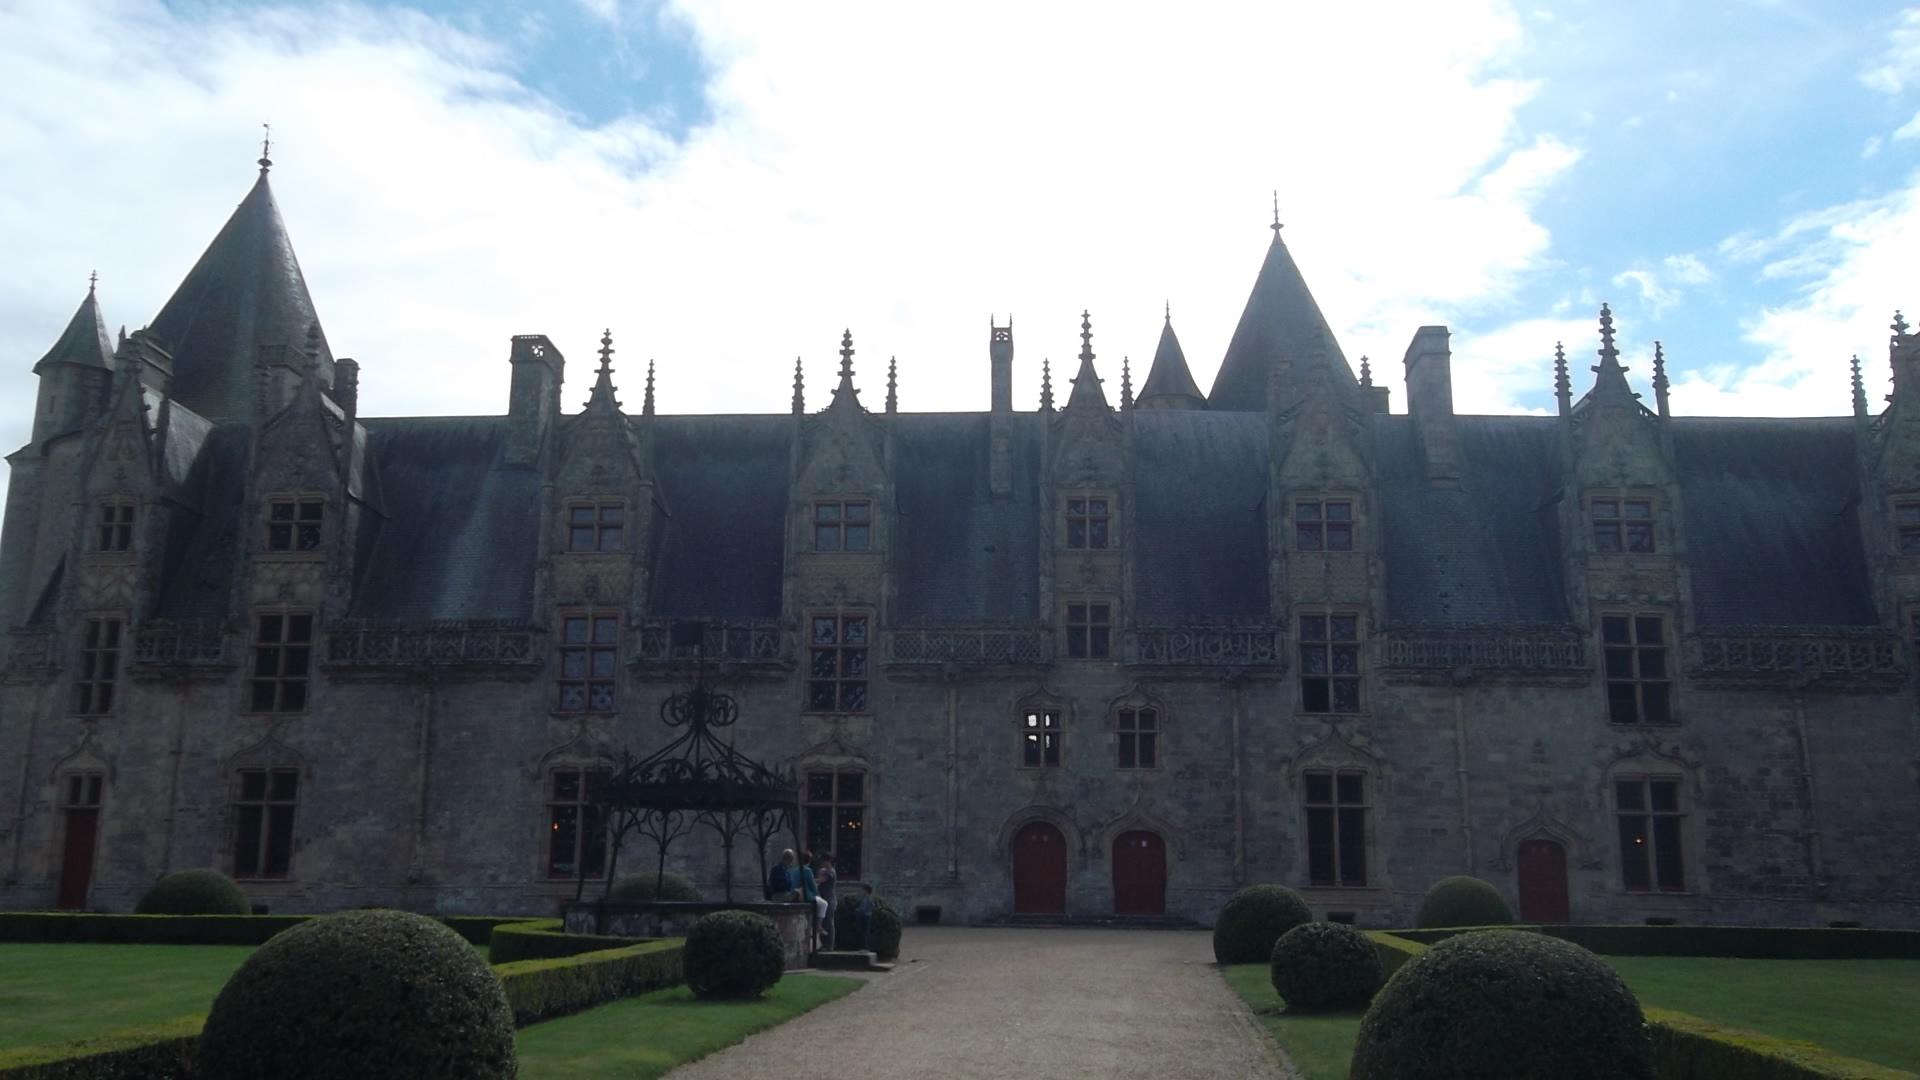 josselin-castle-rohan-inside-ent-aug12